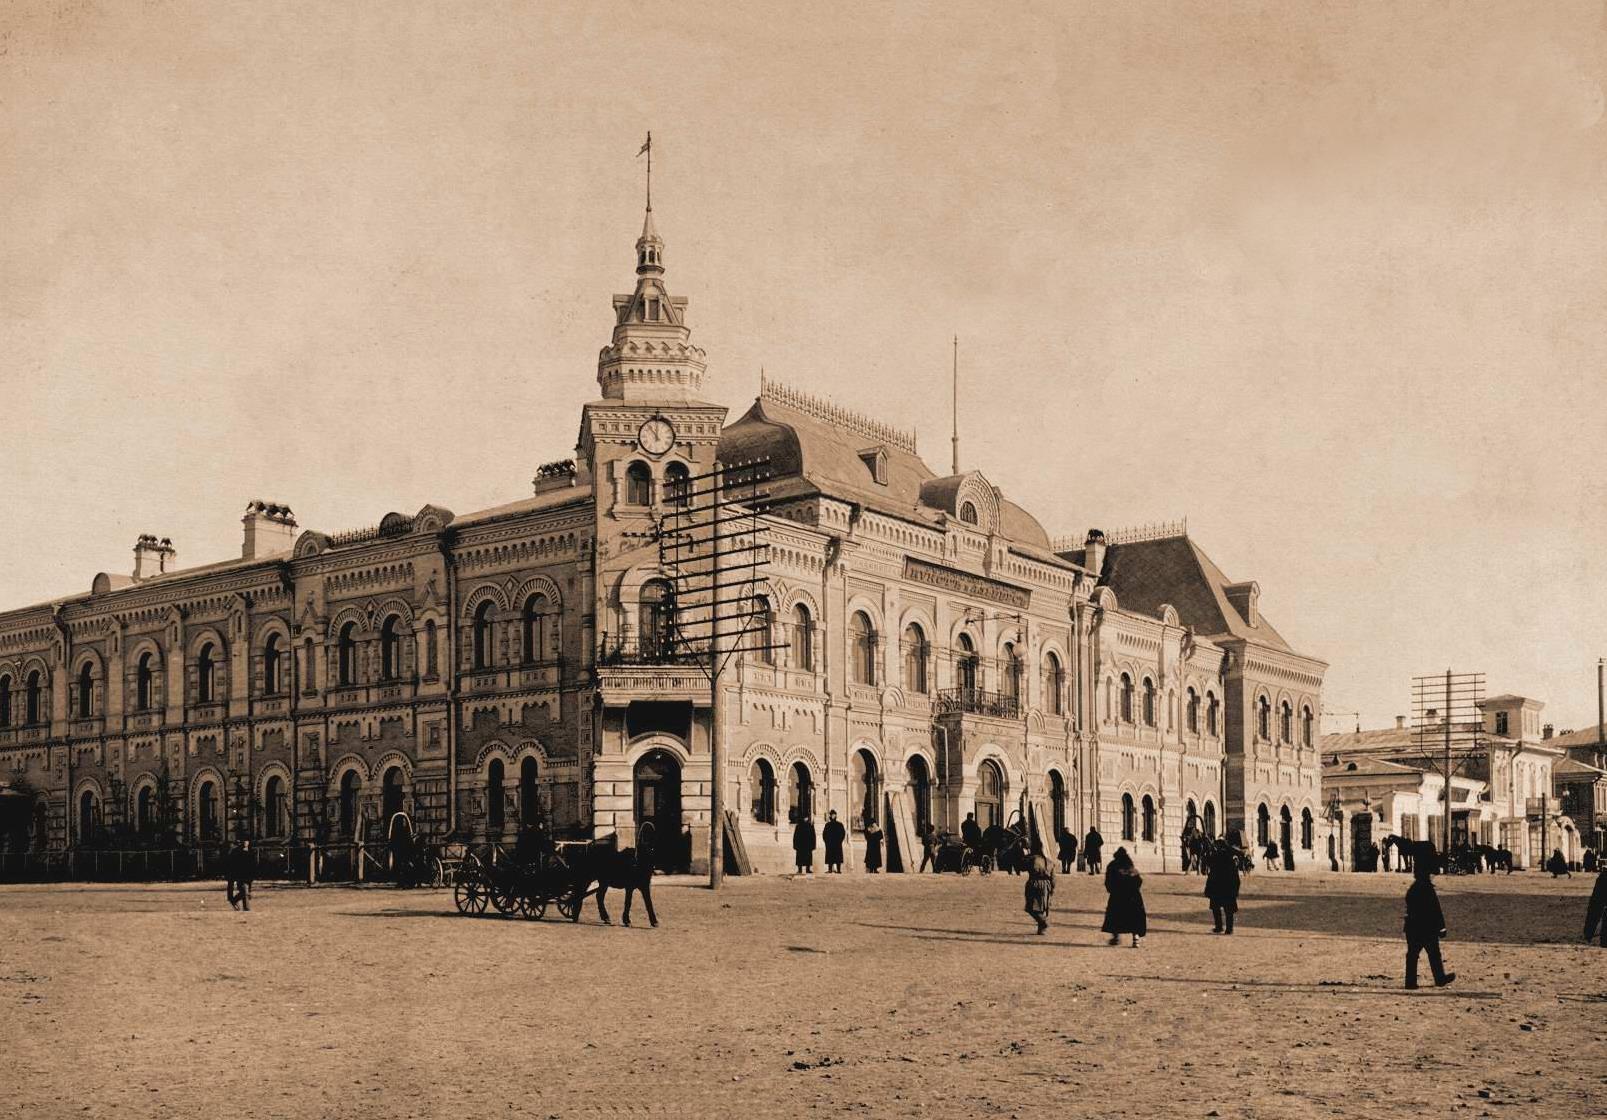 городе благовещенск старинный город Новосибирске холодно